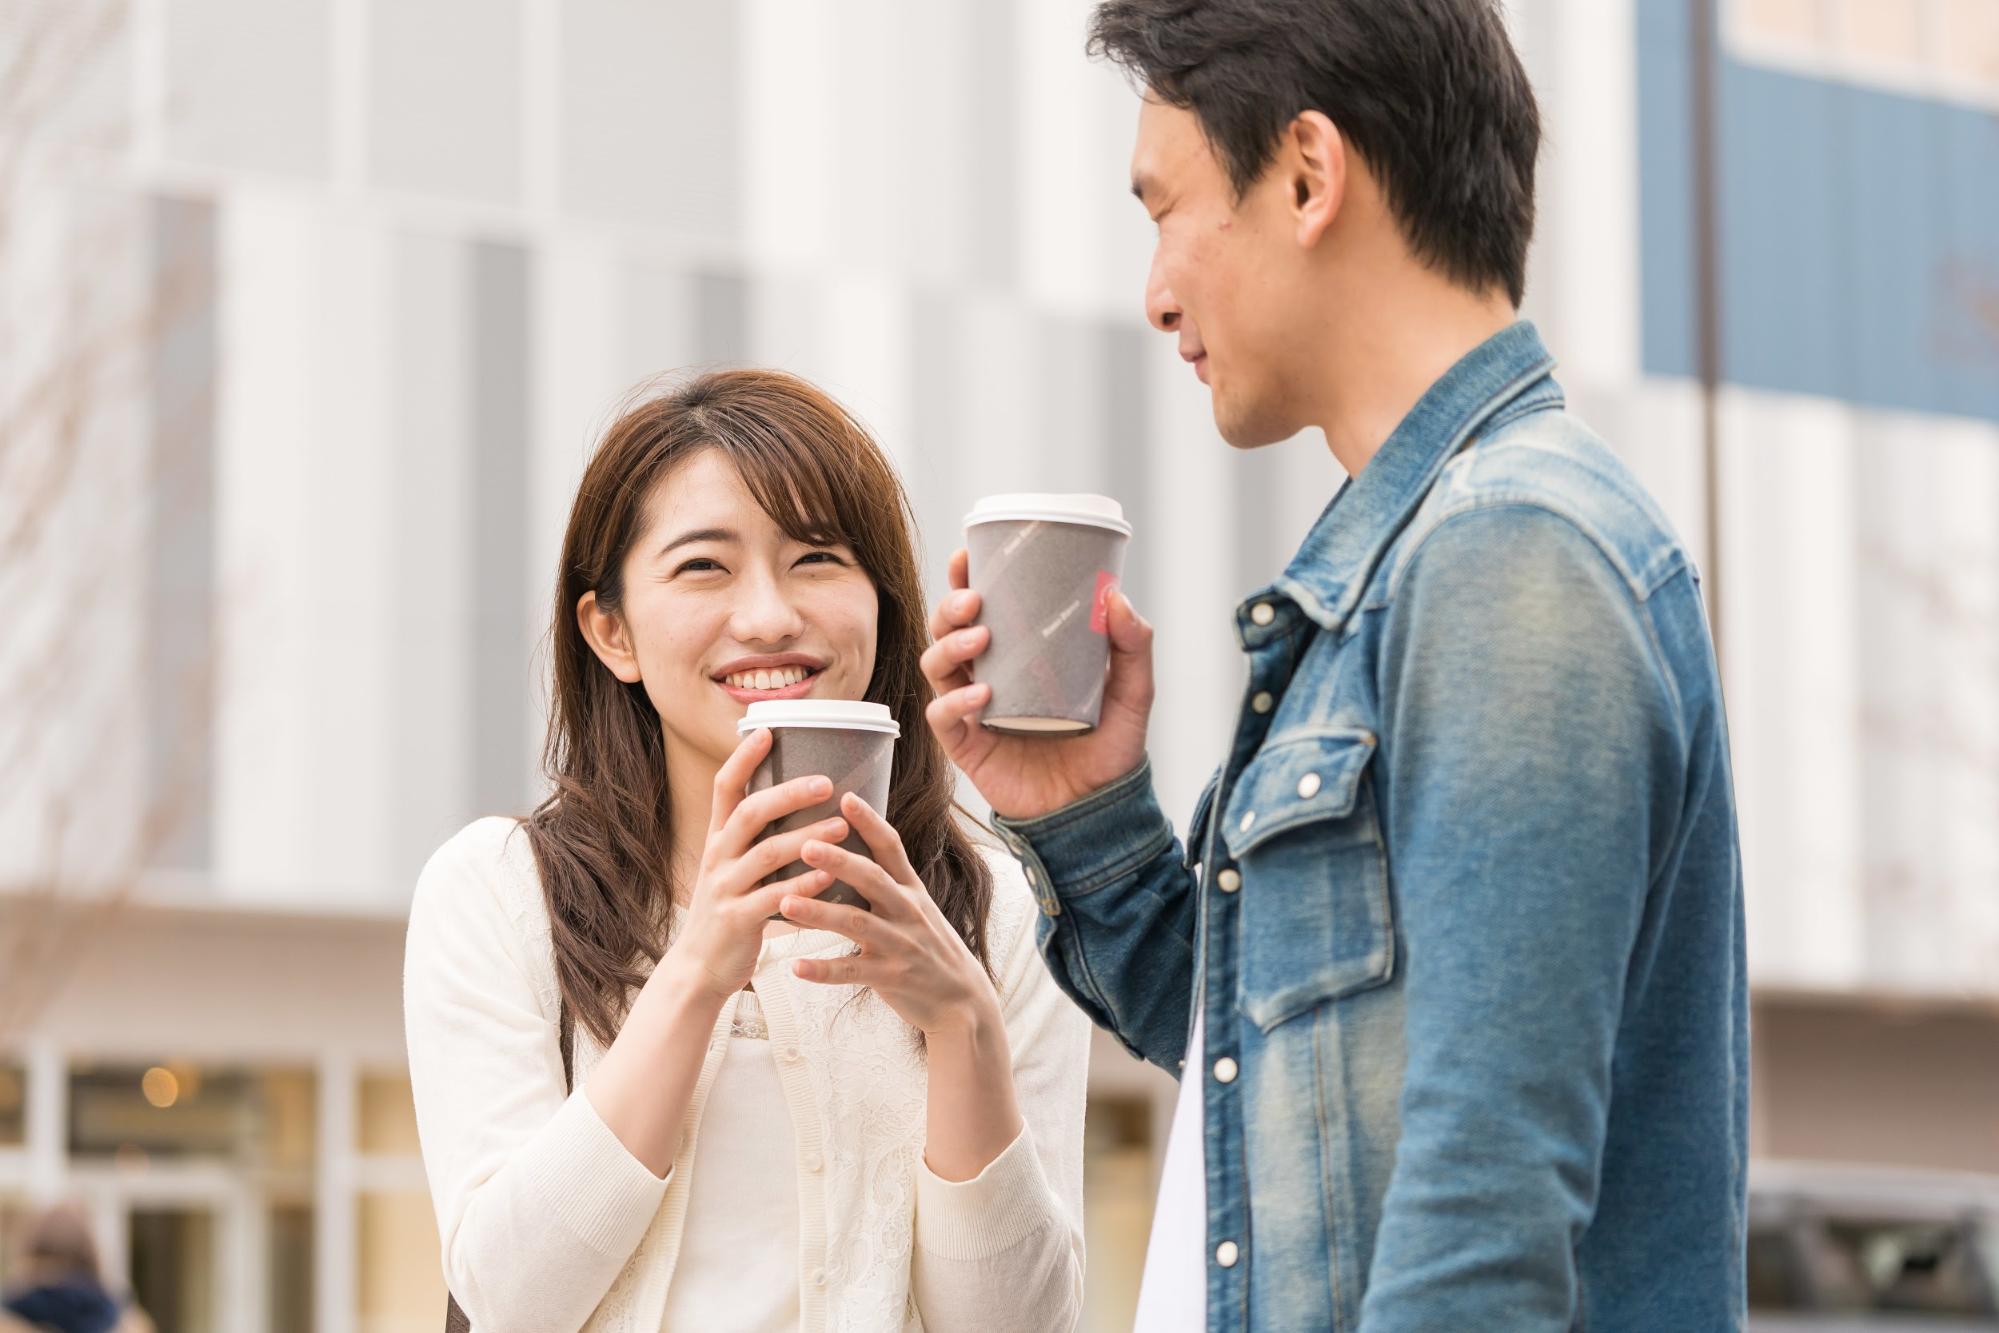 宮崎あおい 玉木宏 映画